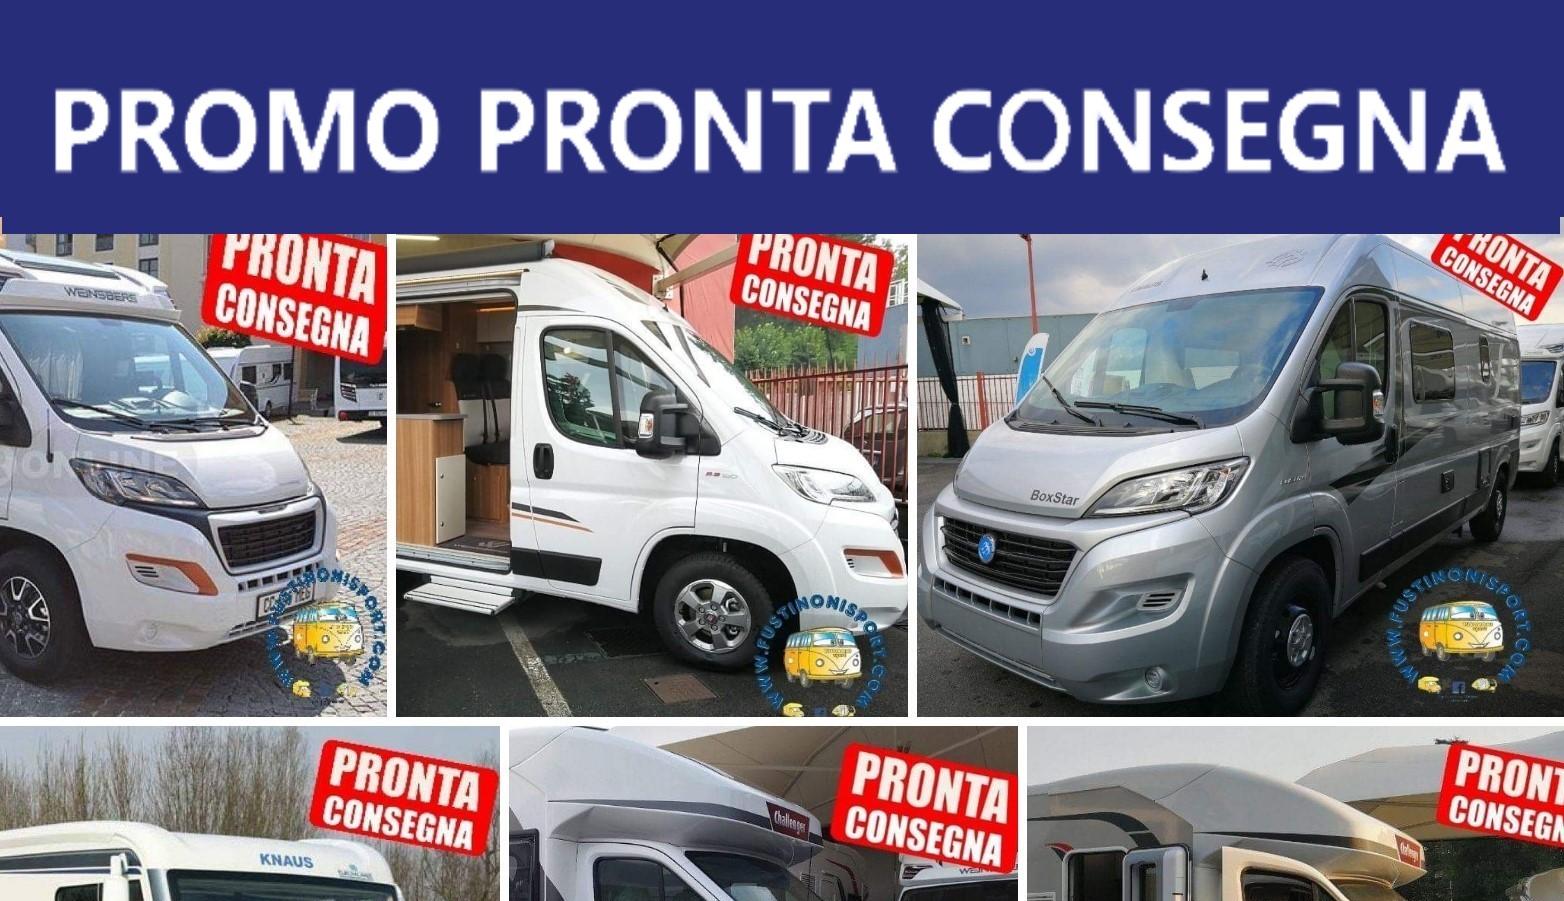 PROMO-PRONTA-CONSEGNA-MAGGIO-FUSTINONI-BG-2